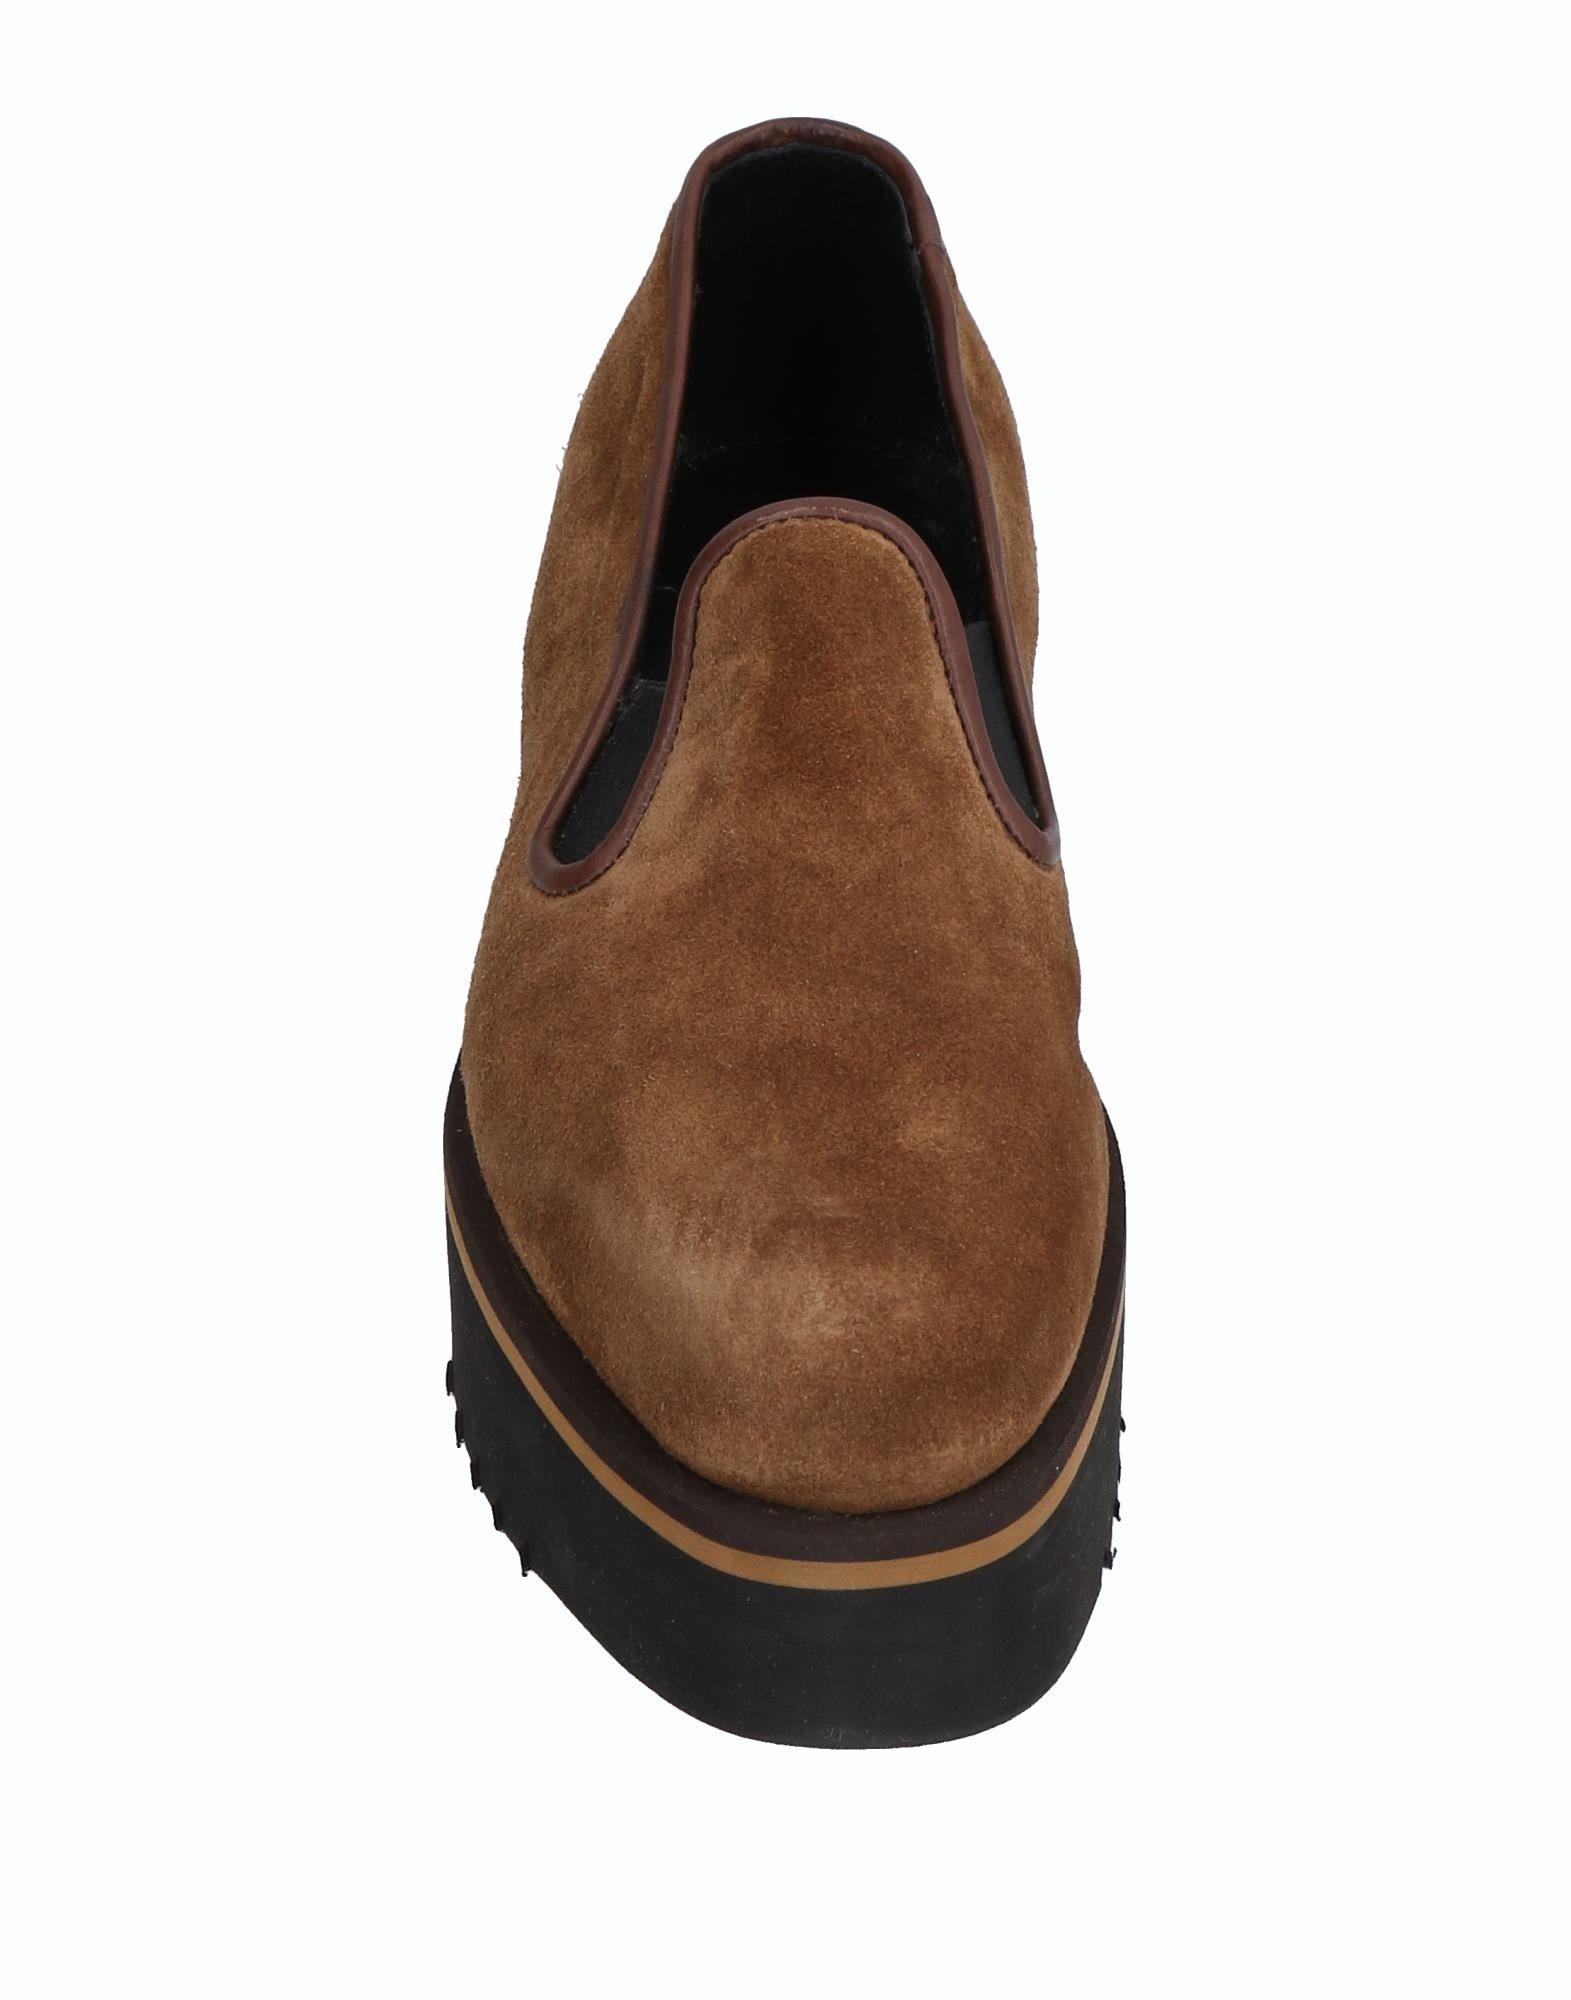 Dondup Mokassins Damen  11512526BJGut Schuhe aussehende strapazierfähige Schuhe 11512526BJGut be3e74